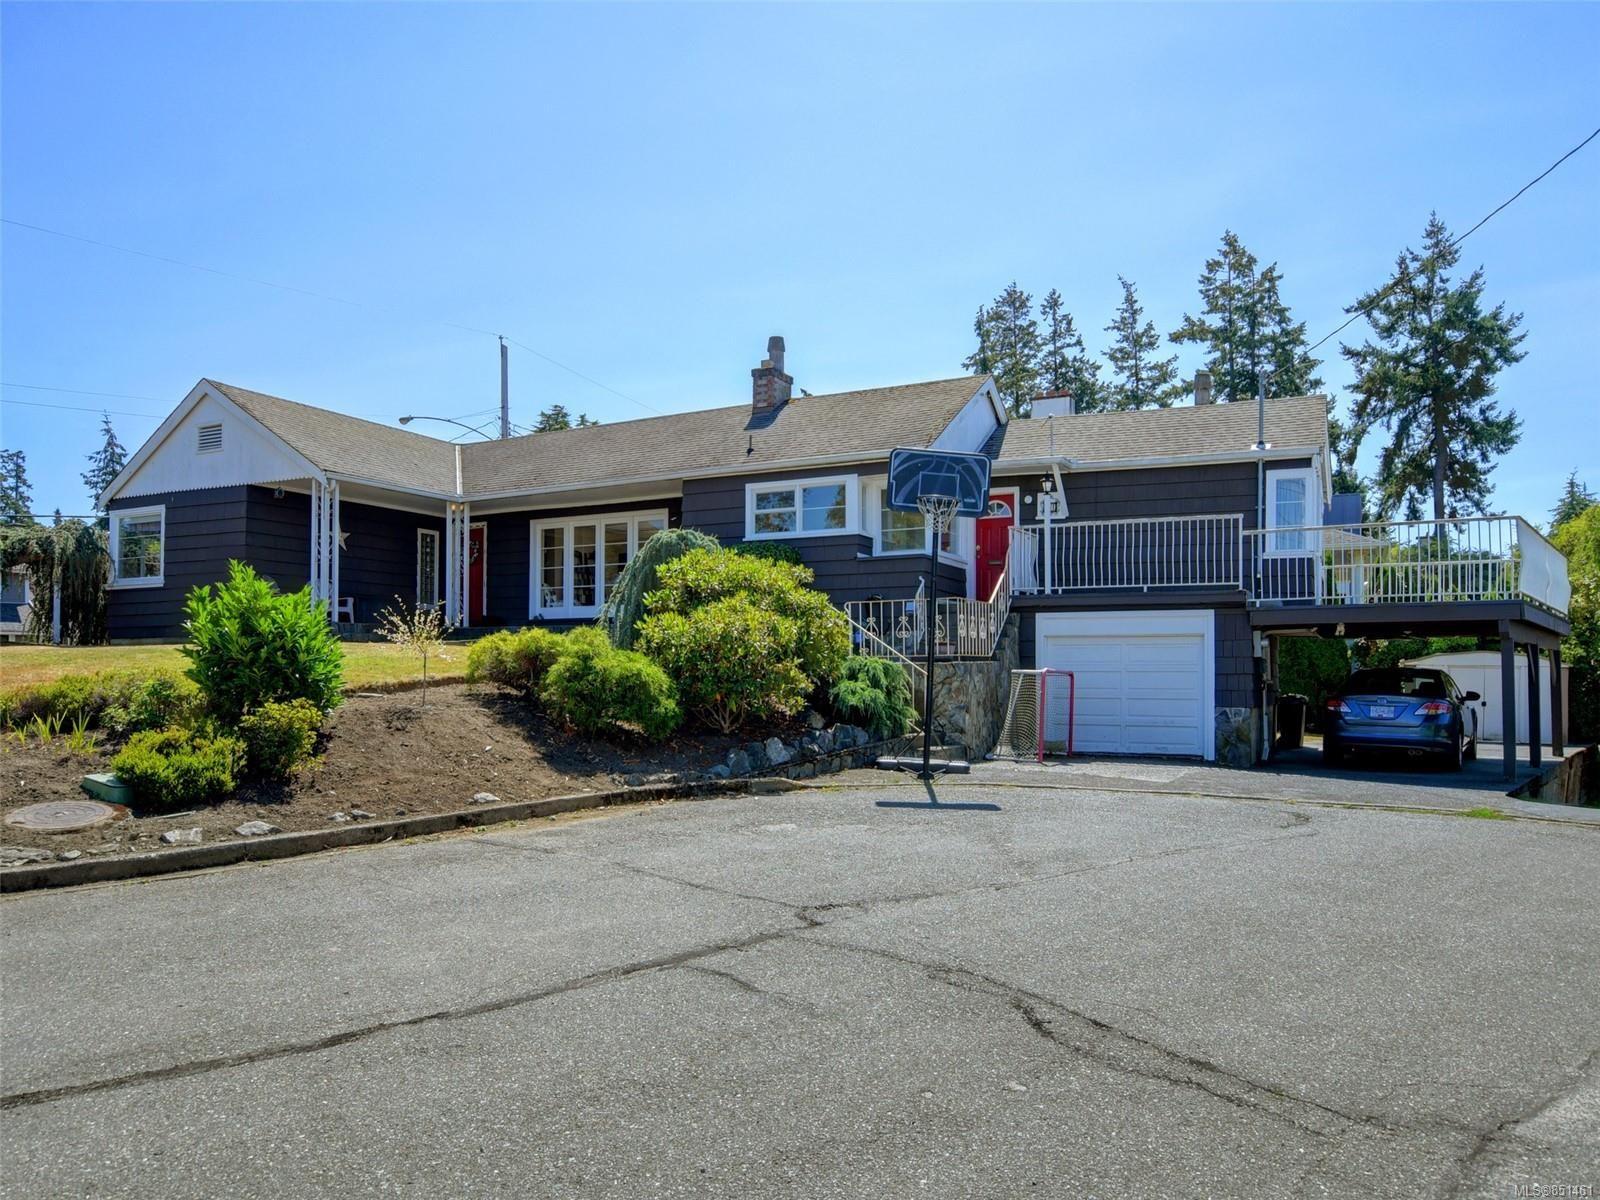 Main Photo: 11 Phillion Pl in : Es Kinsmen Park House for sale (Esquimalt)  : MLS®# 851461